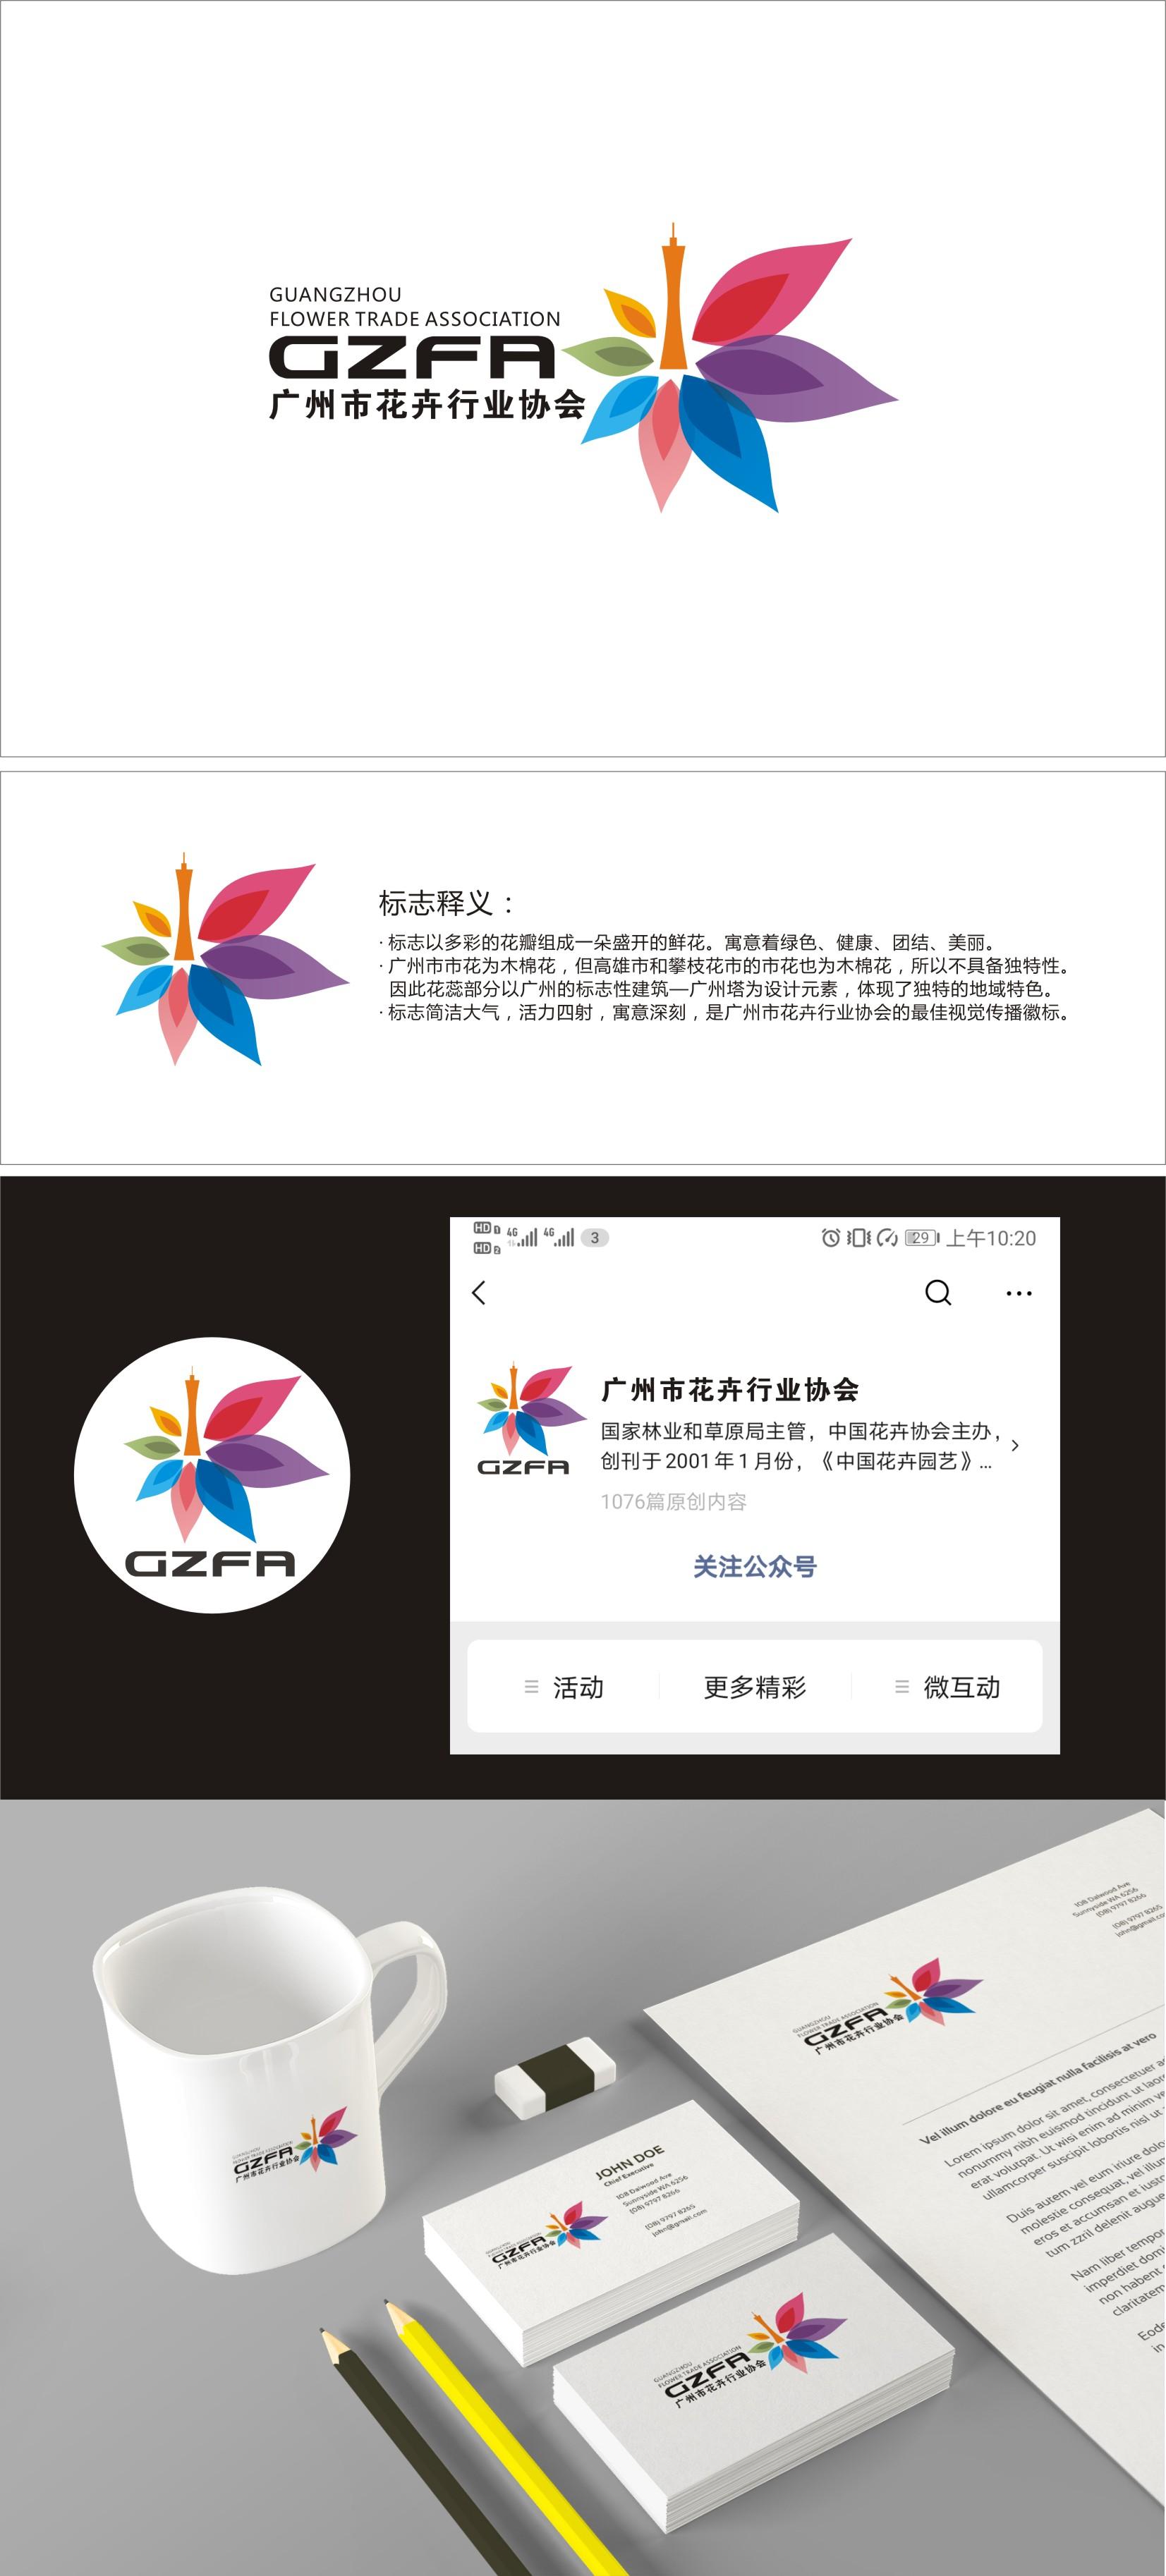 广州市花卉行业协会LOGO设计_3032105_k68威客网